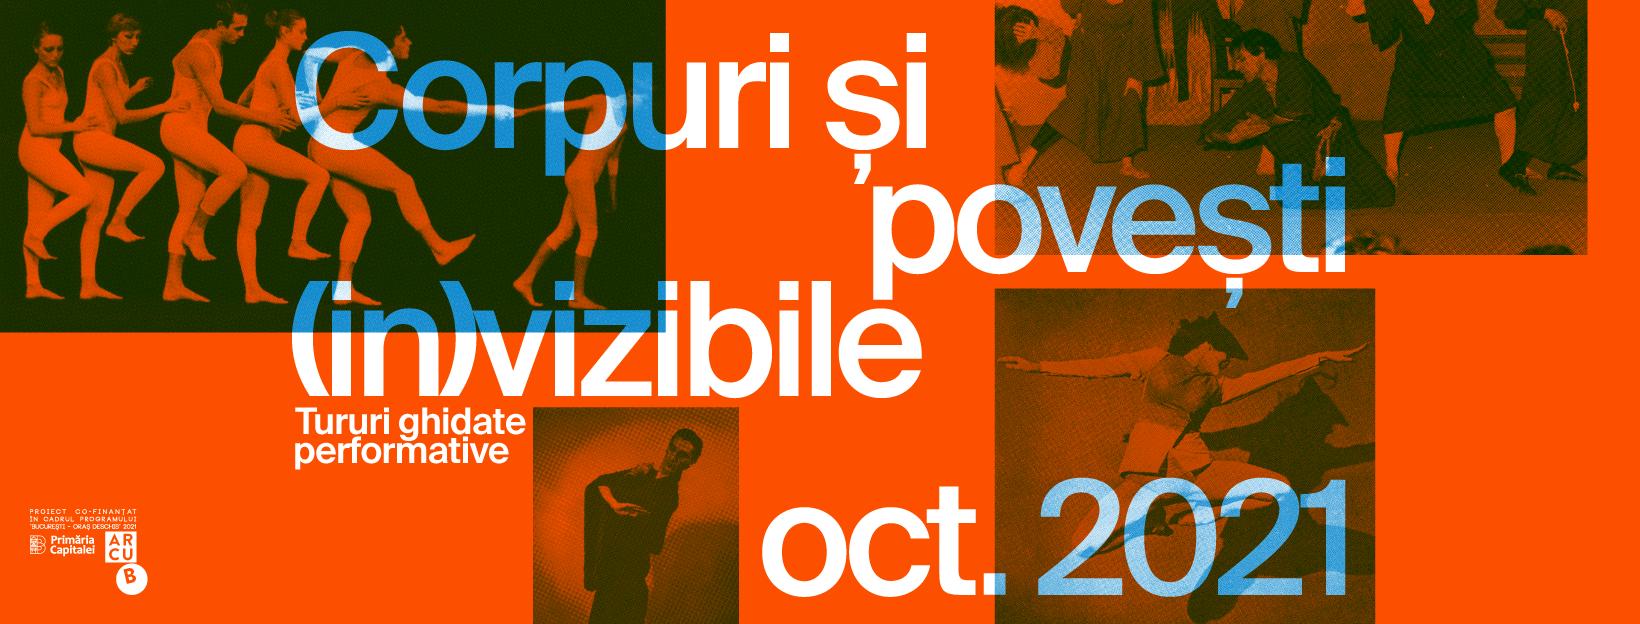 Artiștii îți spun istoria dansului în tururi ghidate performative prin București - Corpuri și povești (in)vizibile